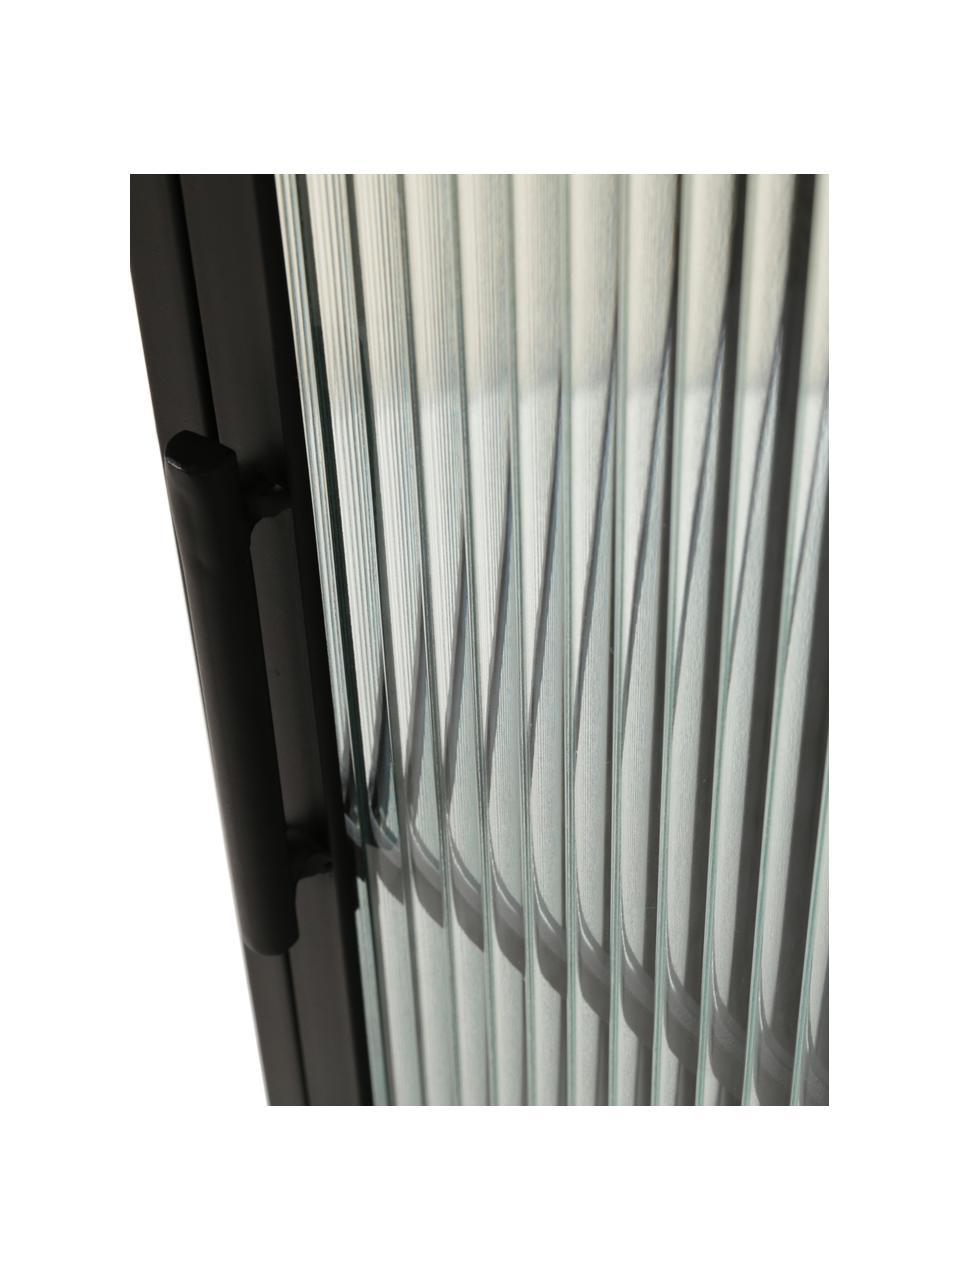 Vitrinenschrank Markus mit Rillenglas und Metallrahmen, schwarz, Gestell: Metall, beschichtet, Schwarz,Transparent, 66 x 112 cm